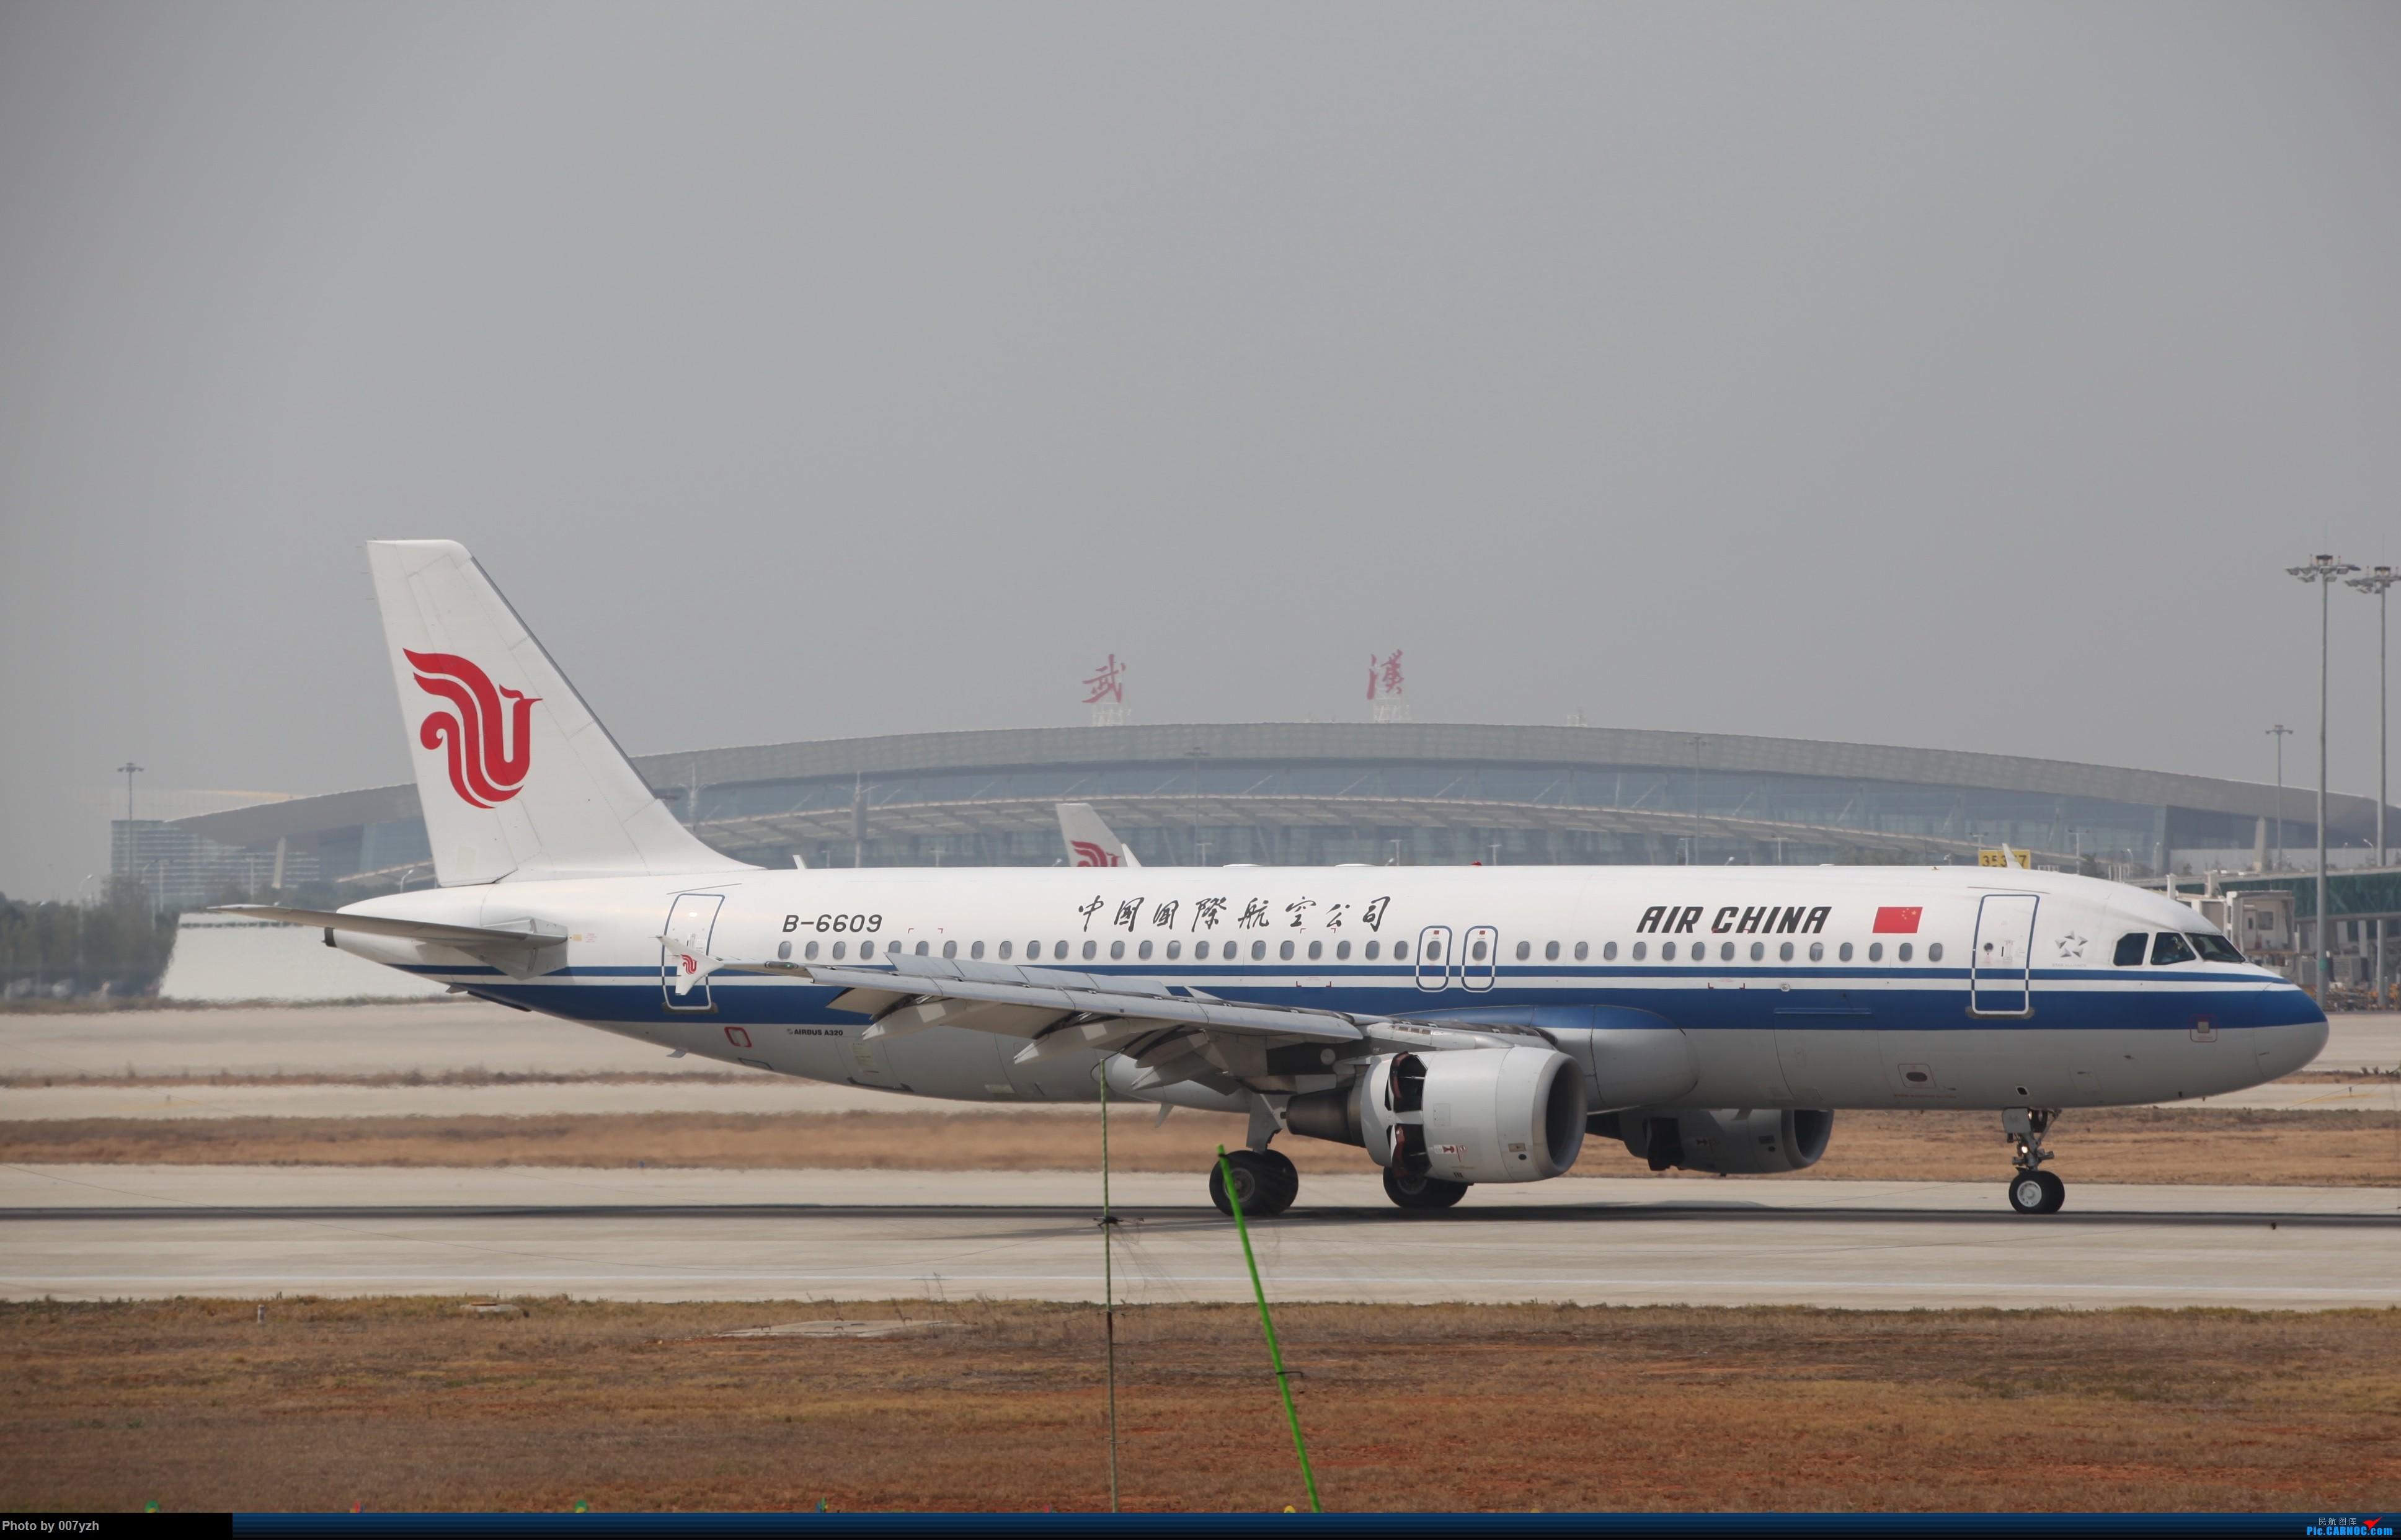 Re:[原创]WUH小拍,终于找到了在WUH拍机的组织 AIRBUS A320-200 B-6609 中国武汉天河国际机场